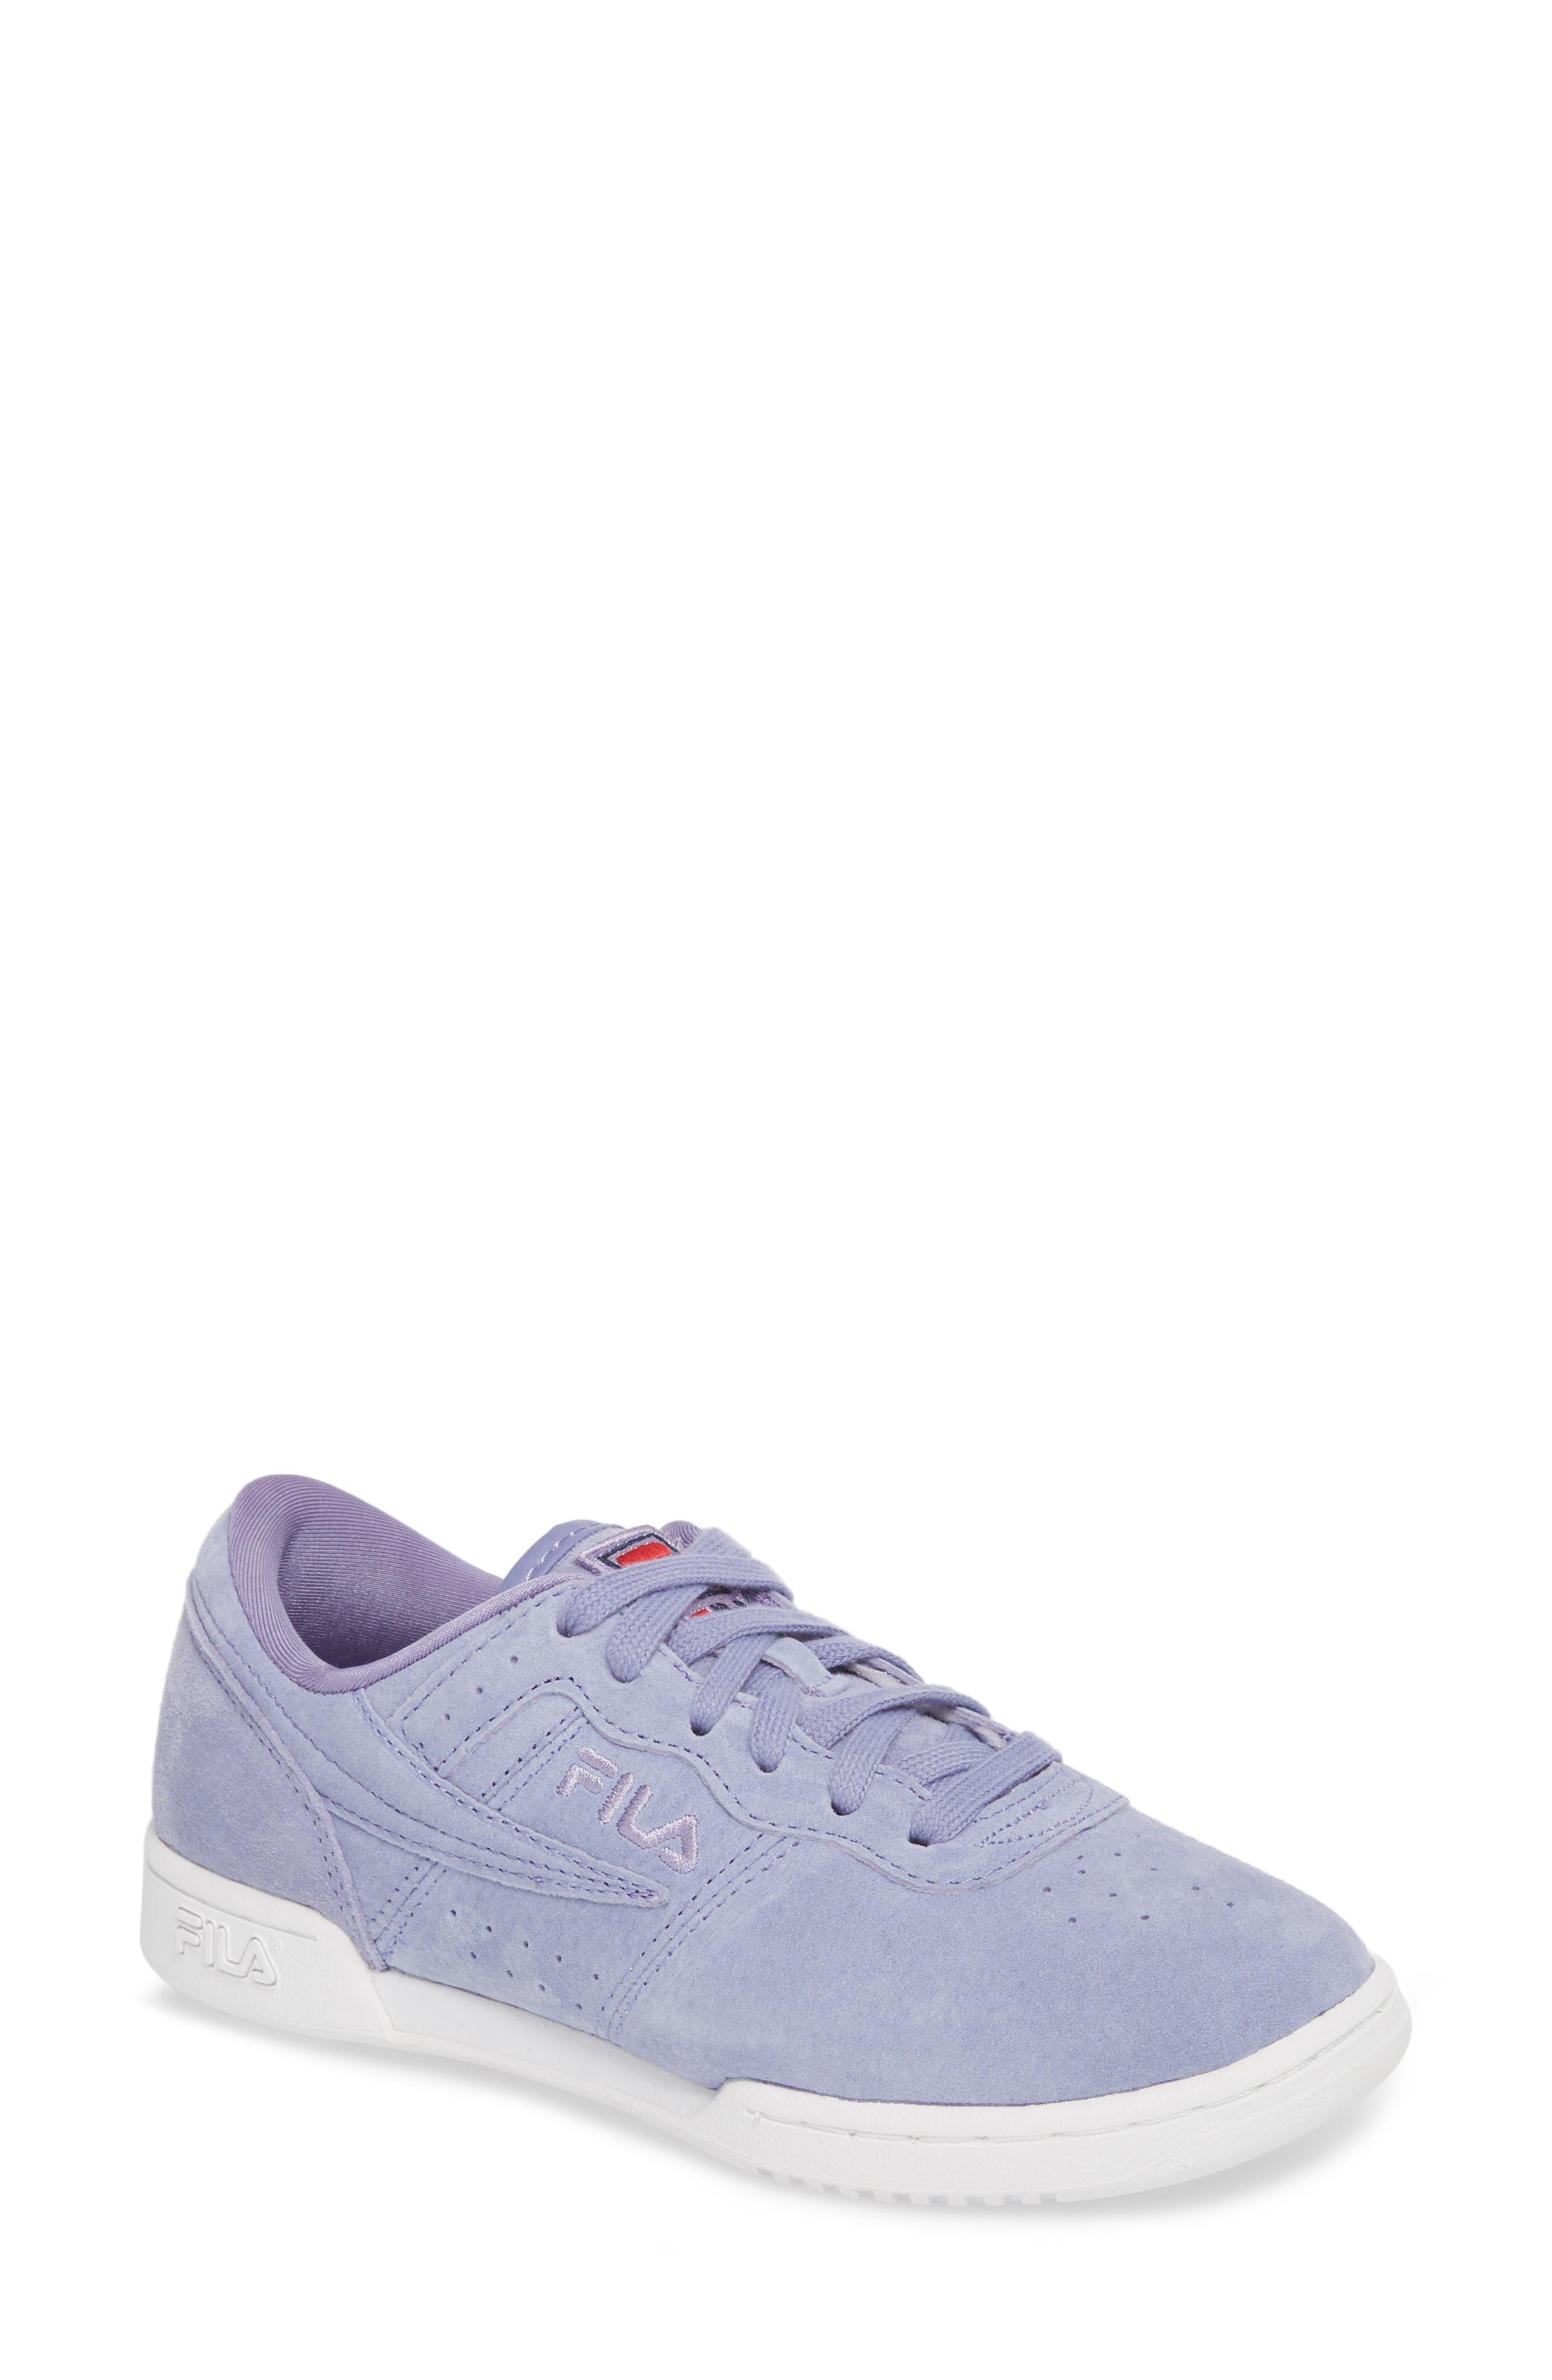 Main Image - FILA Original Fitness Premium Sneaker (Women)